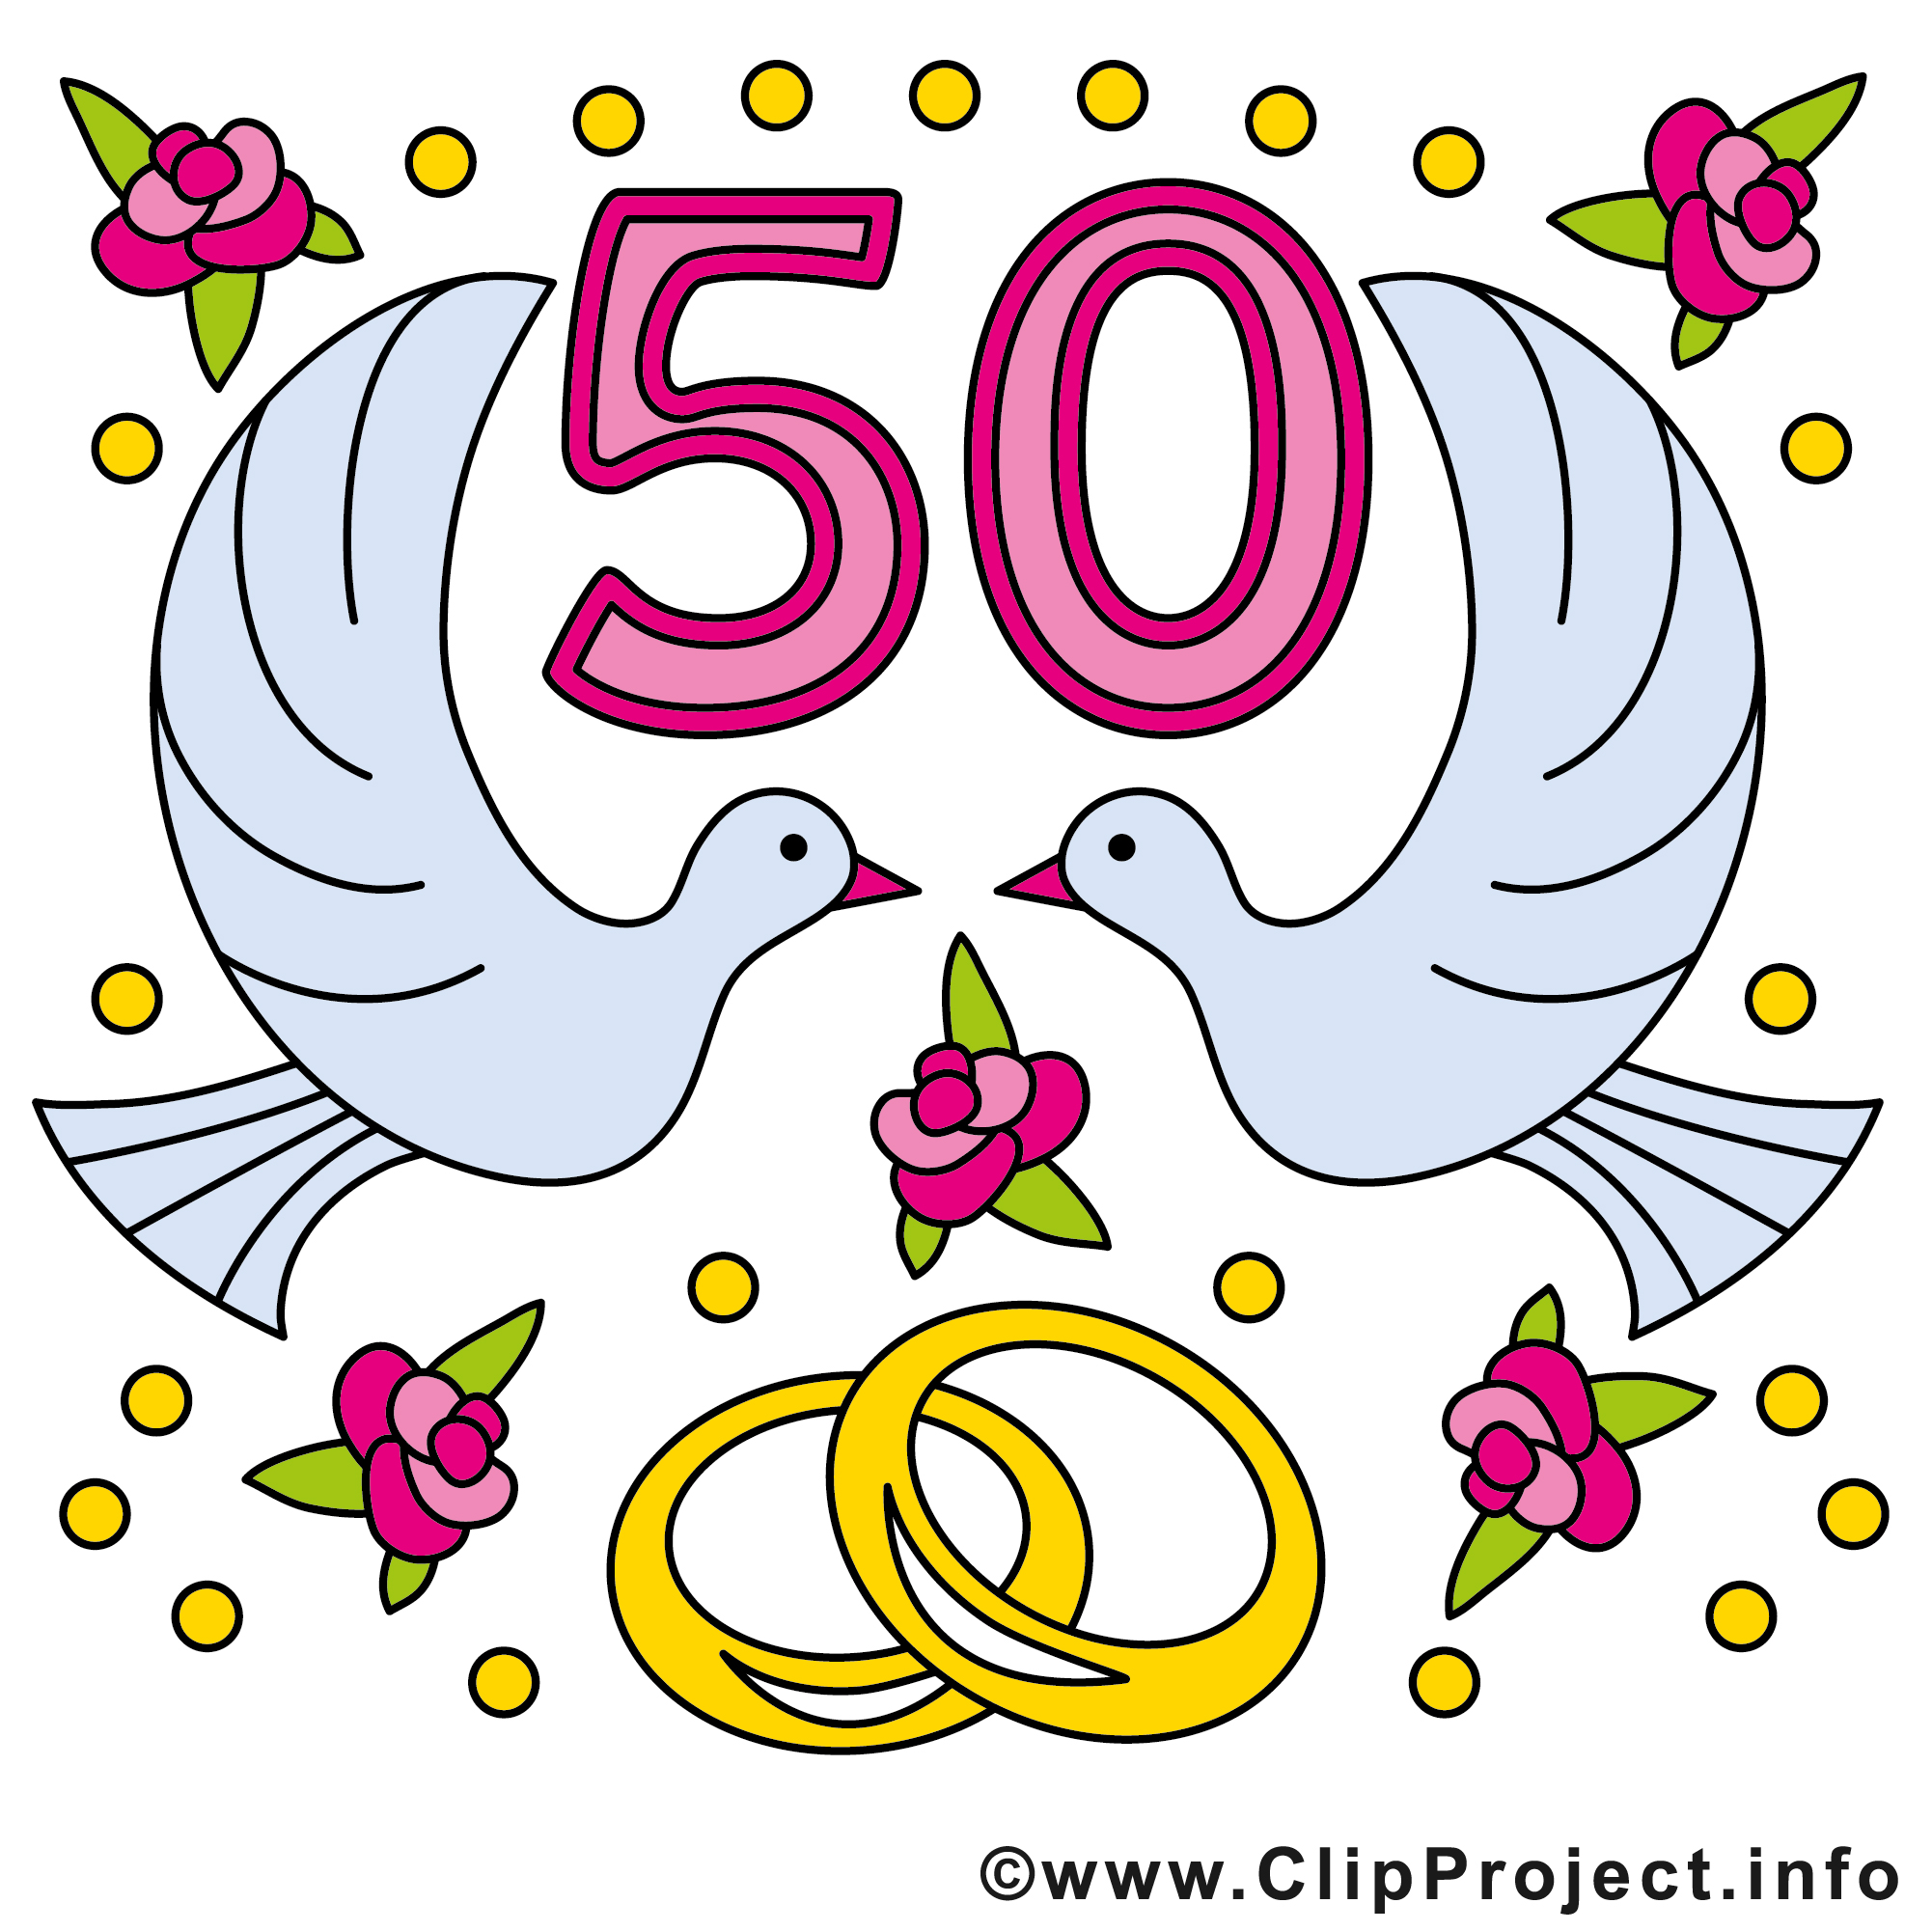 50 ans colombes anniversaire mariage images anniversaires de mariage dessin picture image - Clipart anniversaire gratuit telecharger ...